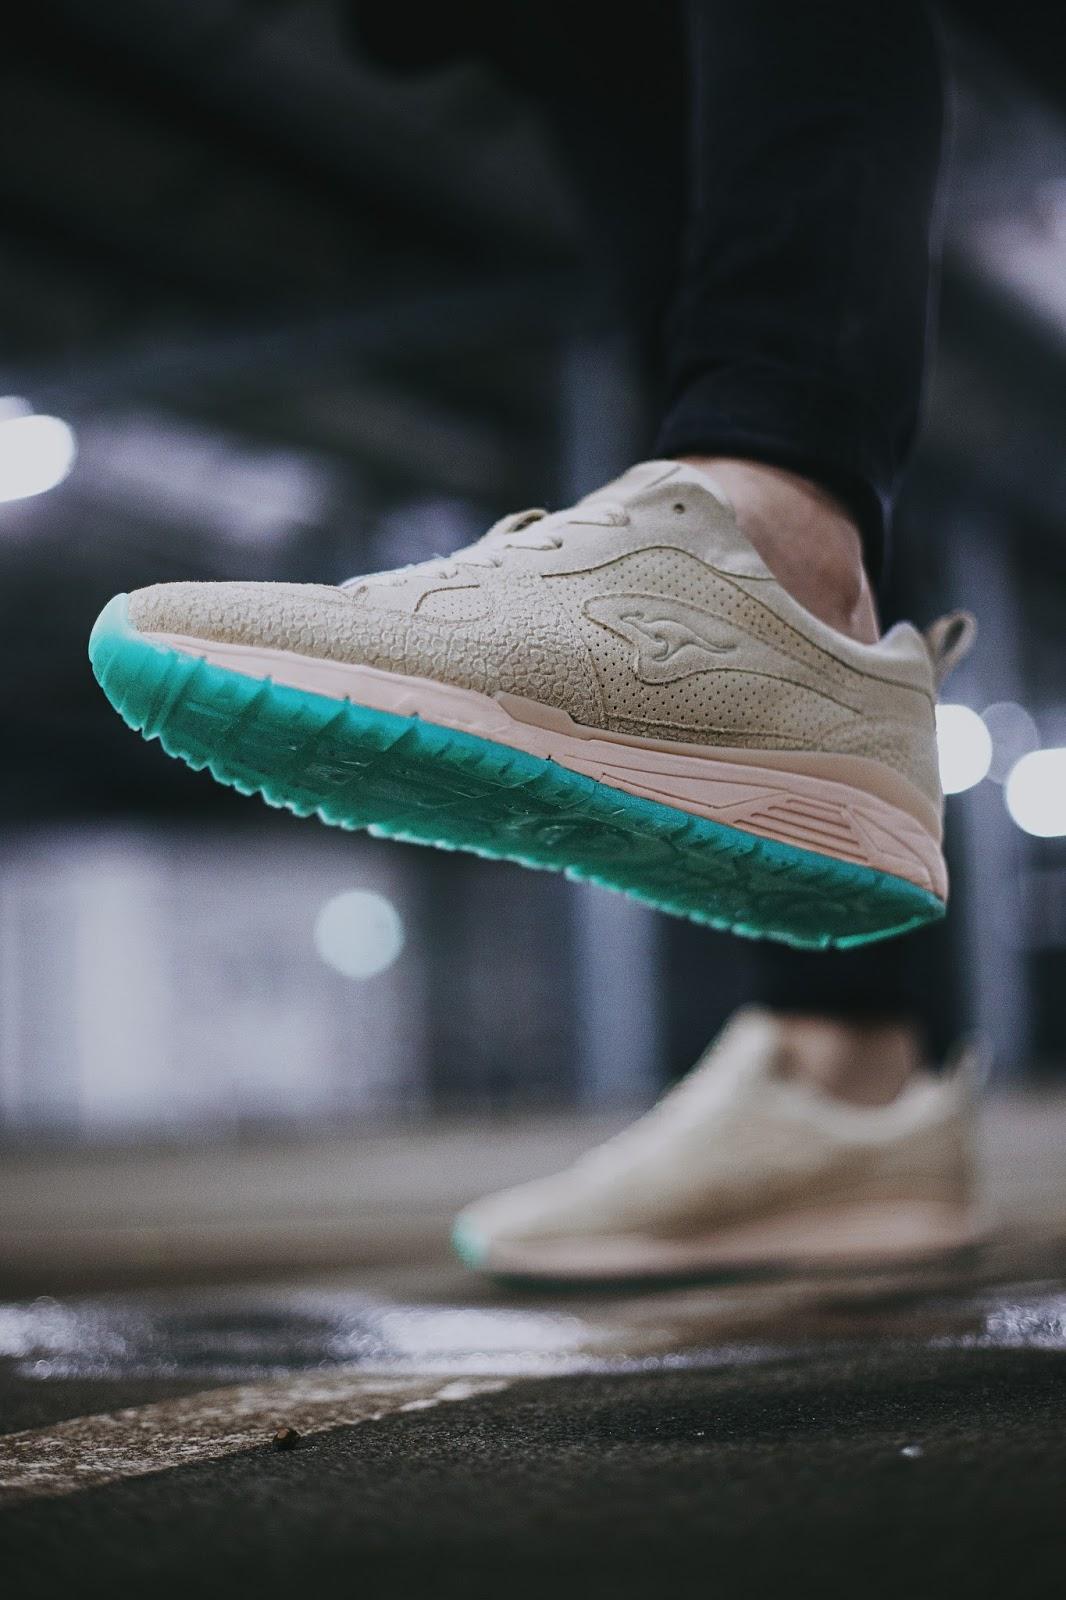 Kangaroos x Sapato x documenta - On Feet Pics eines exklusiven Sneaker